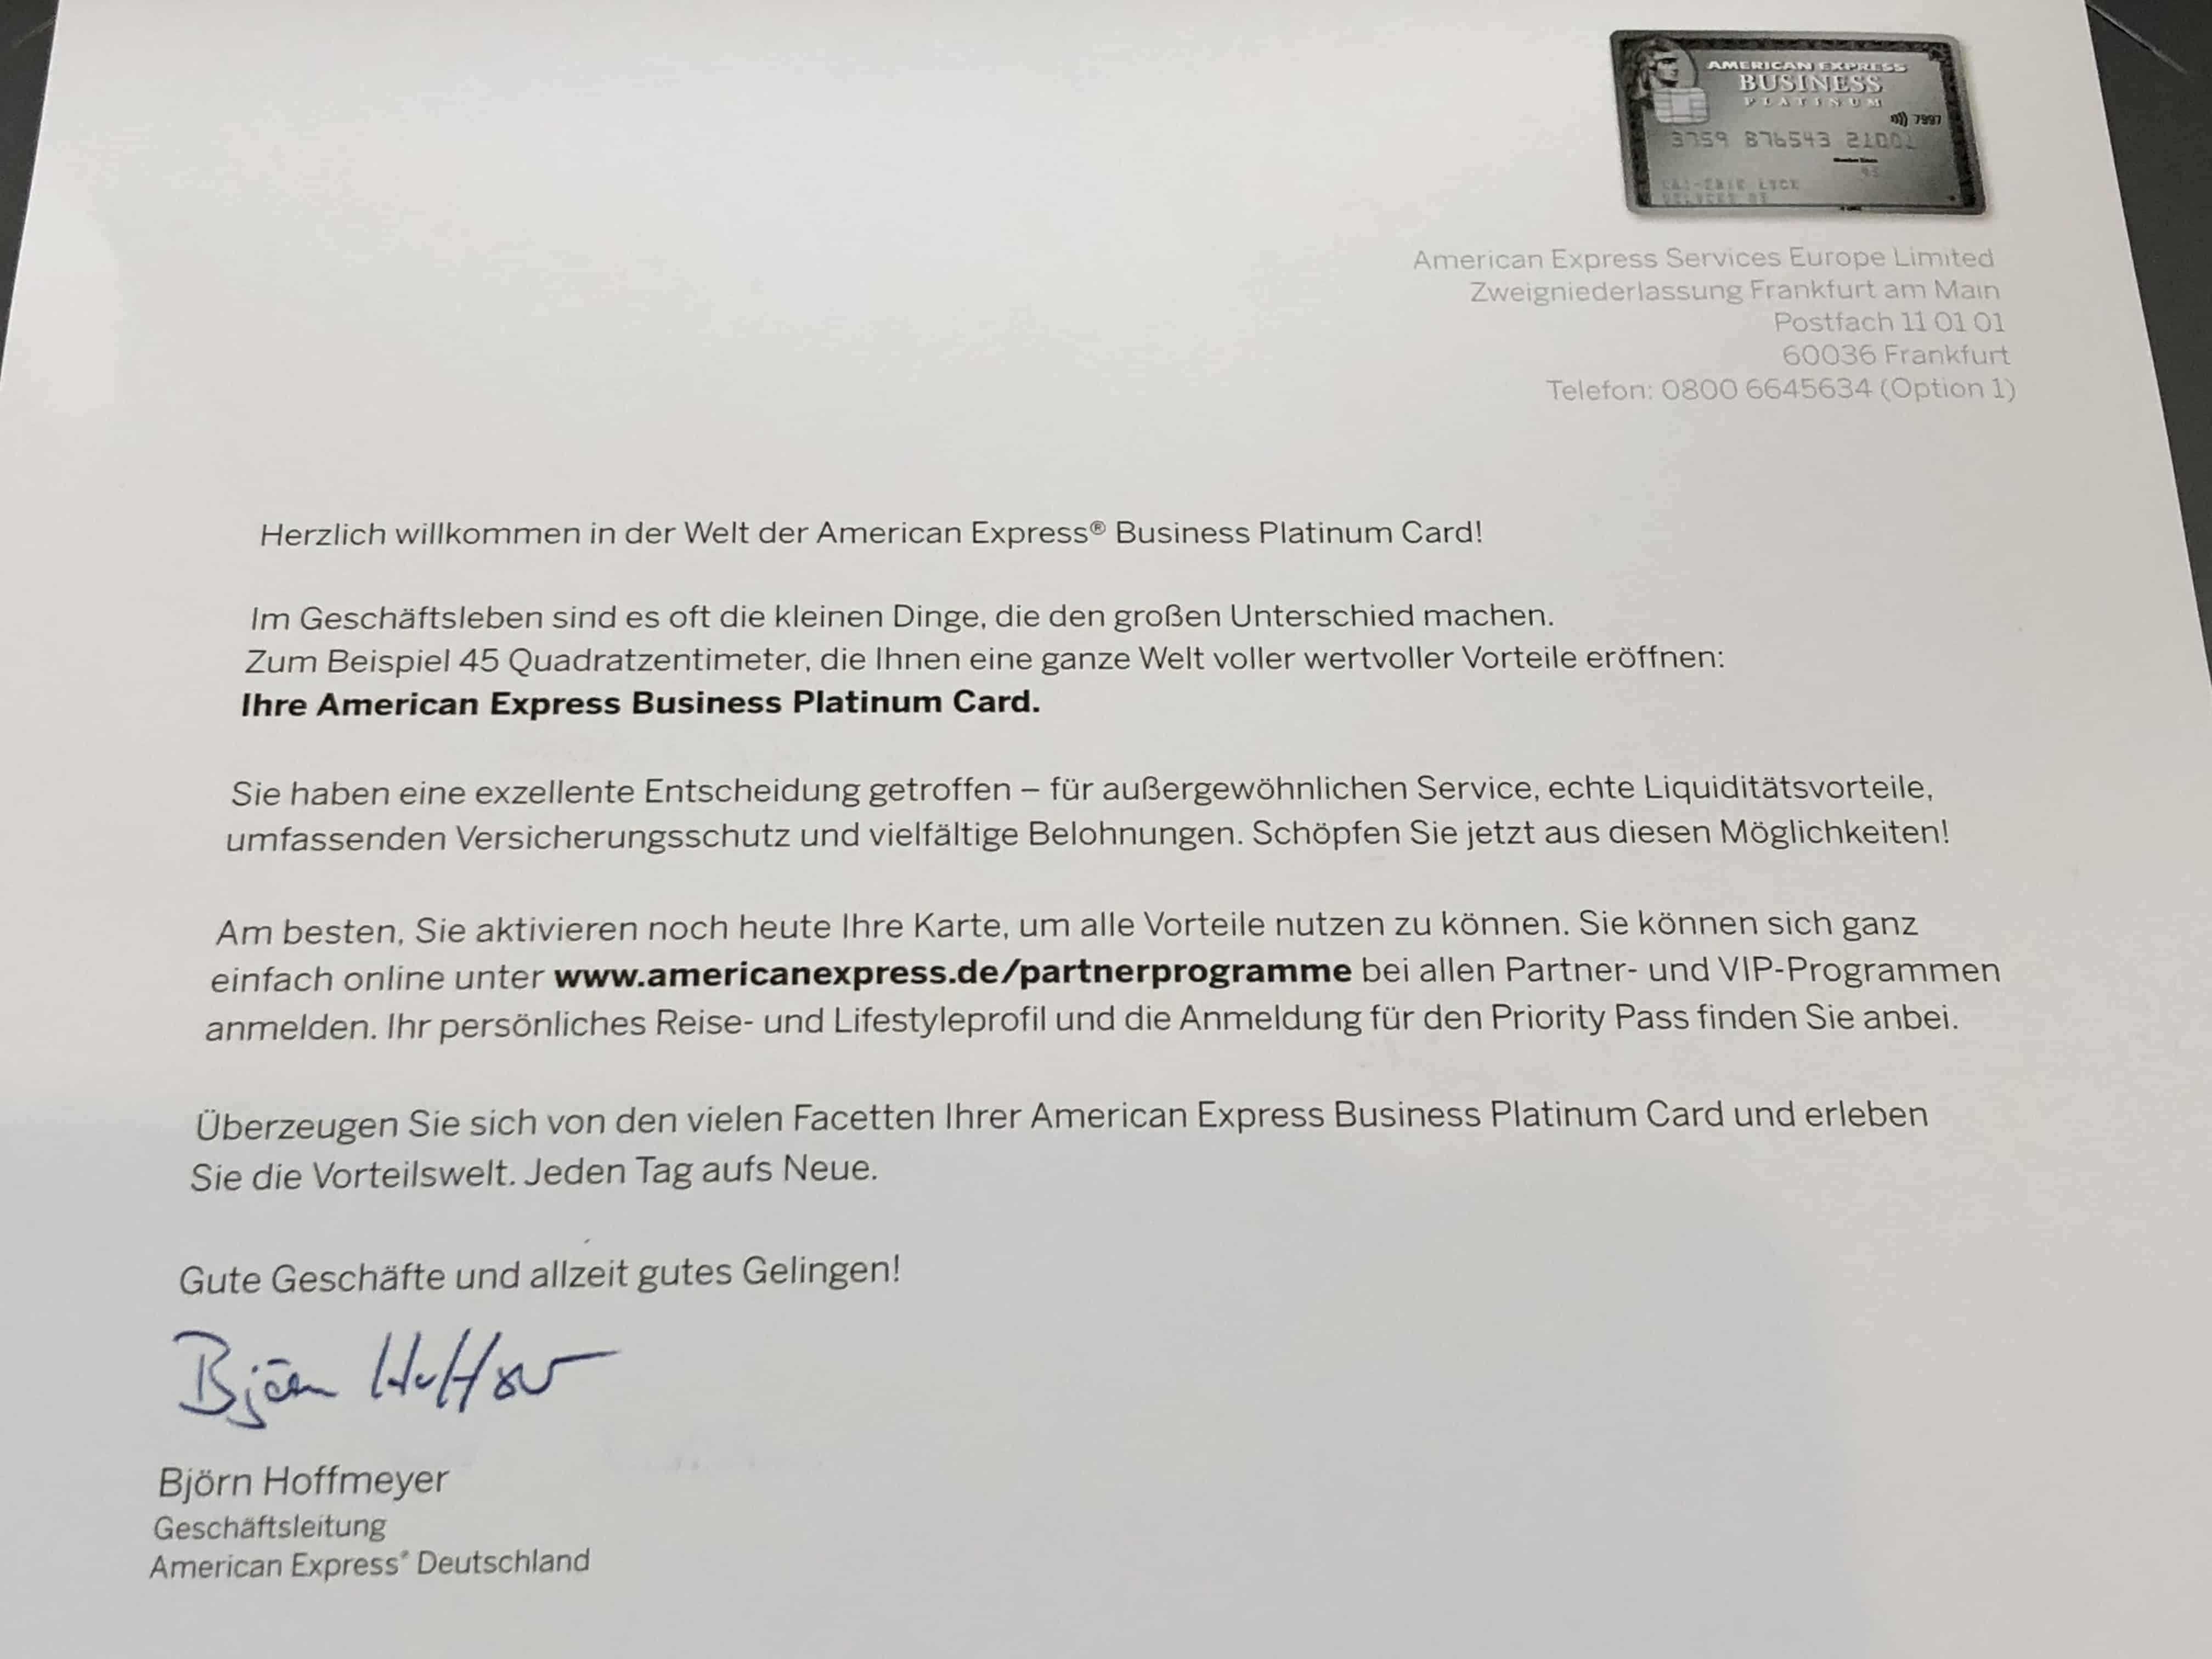 American Express Platinum Card Willkomensschreiben